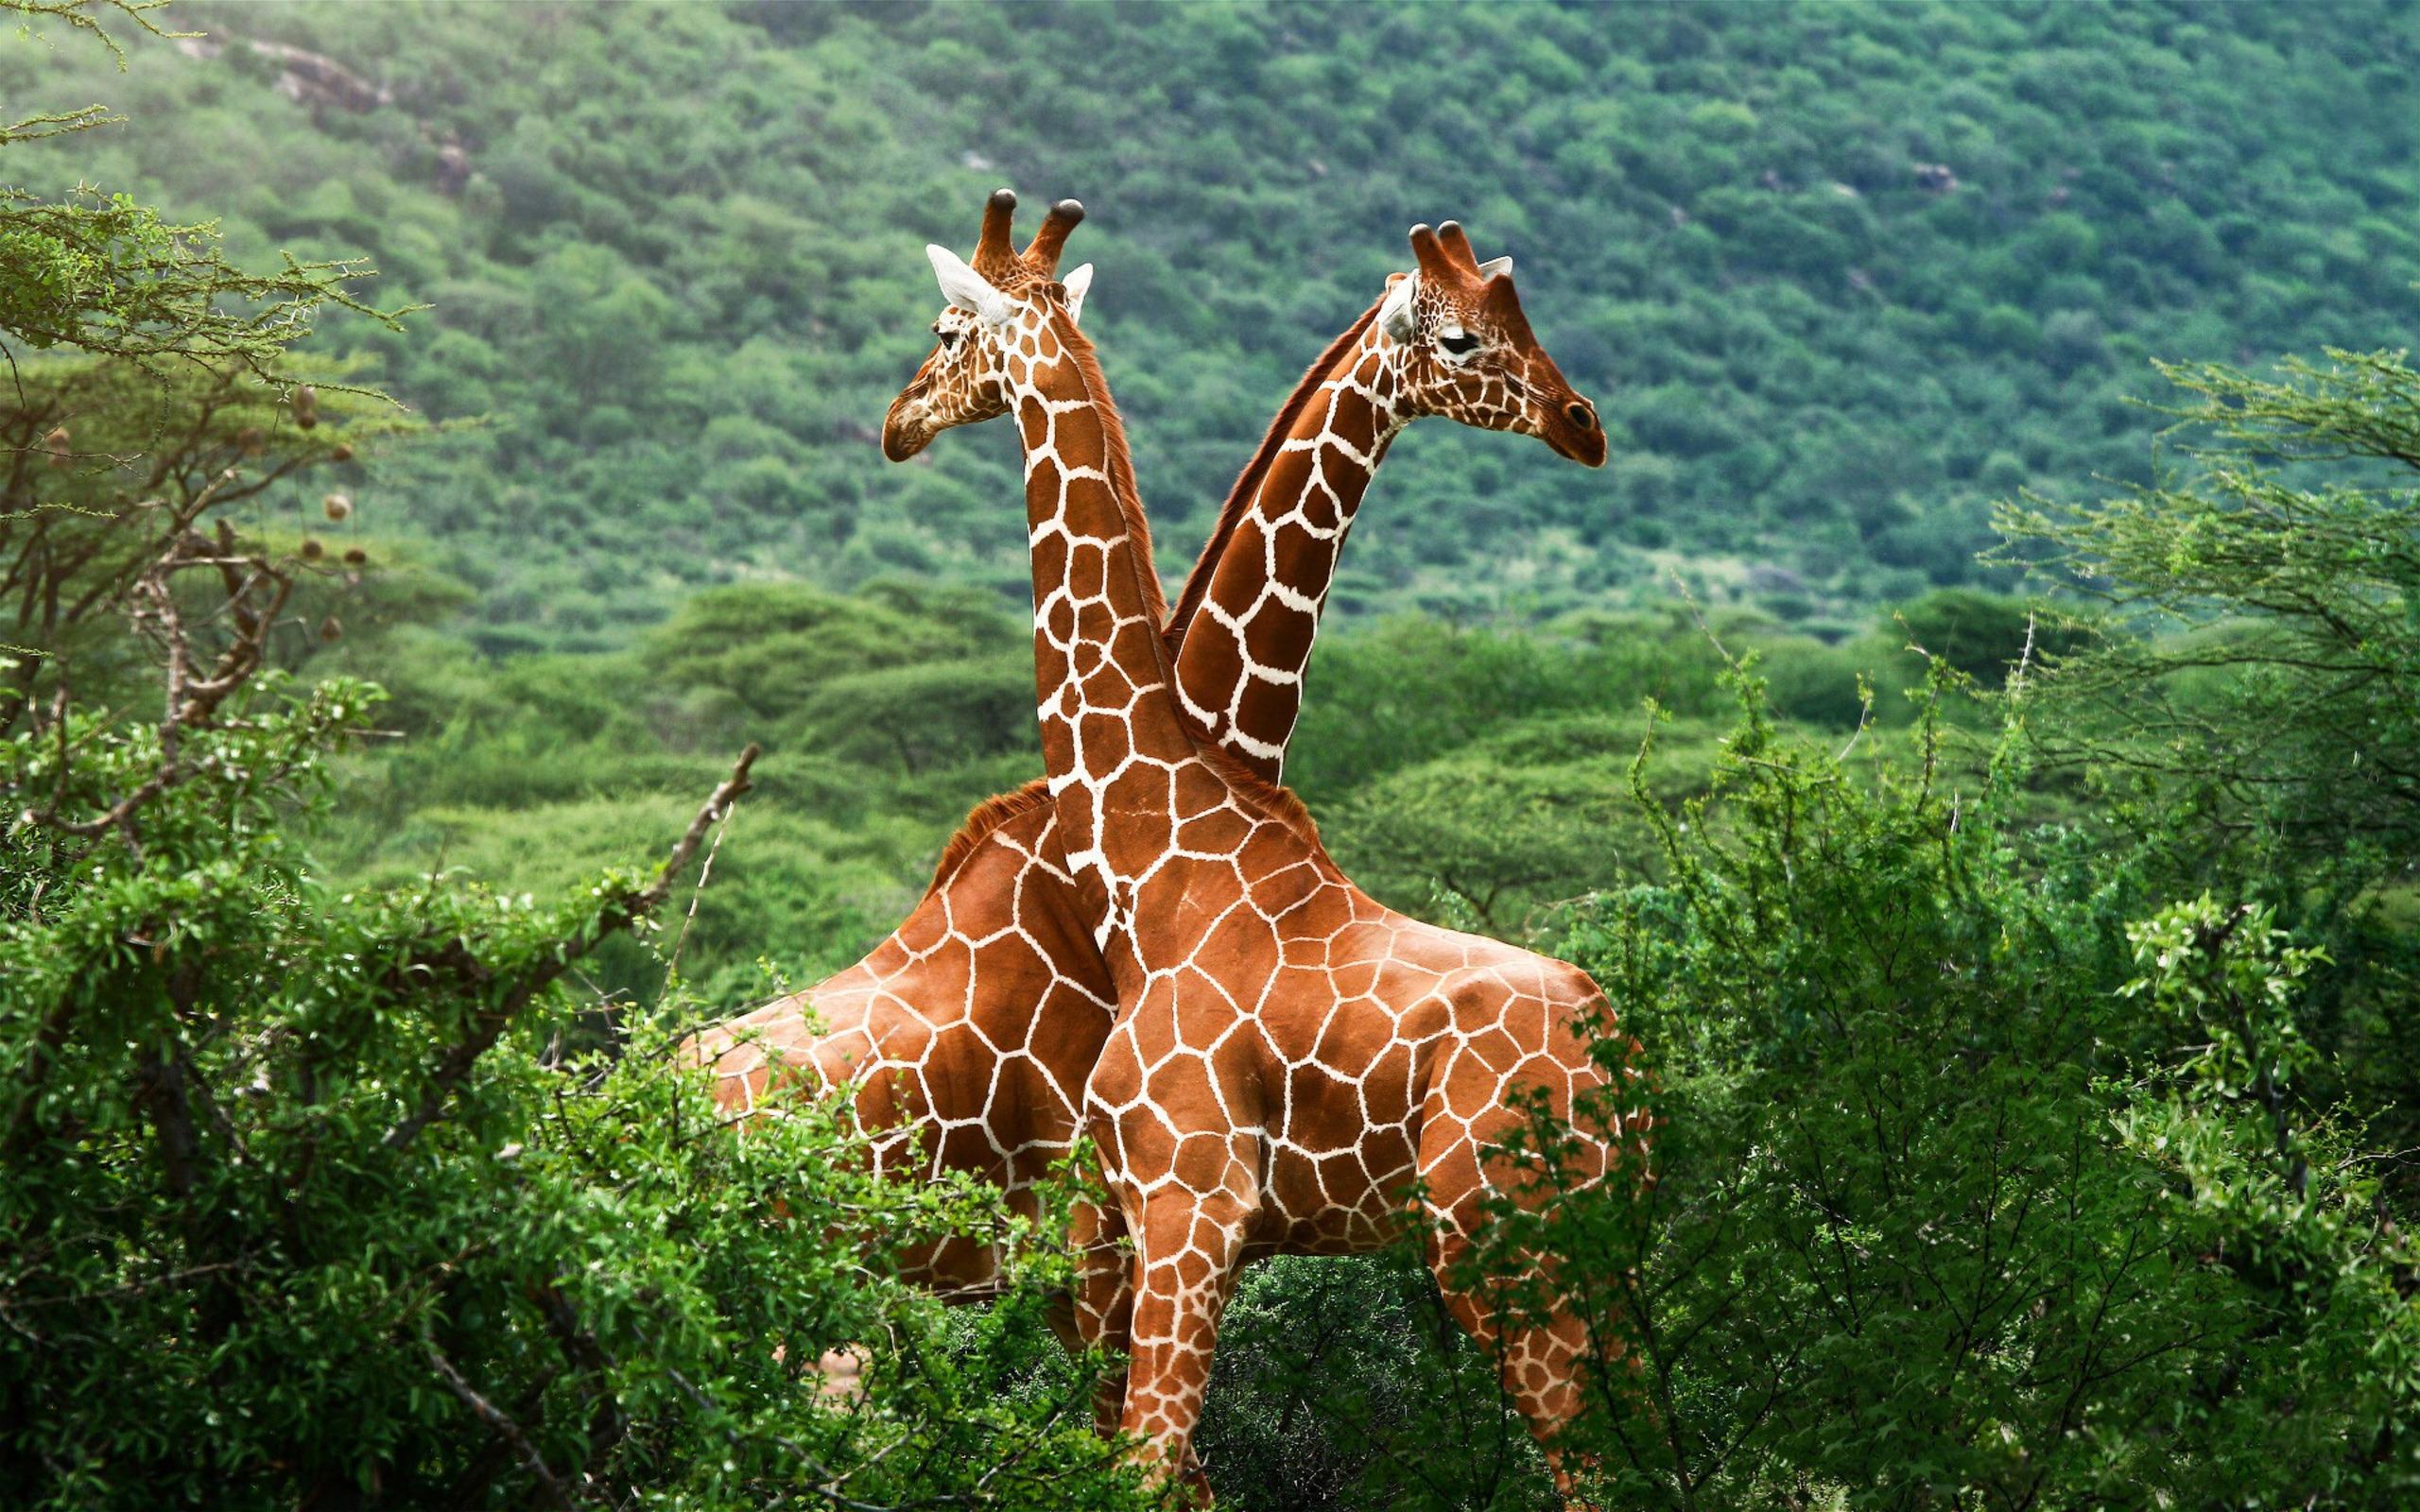 giraffe images love